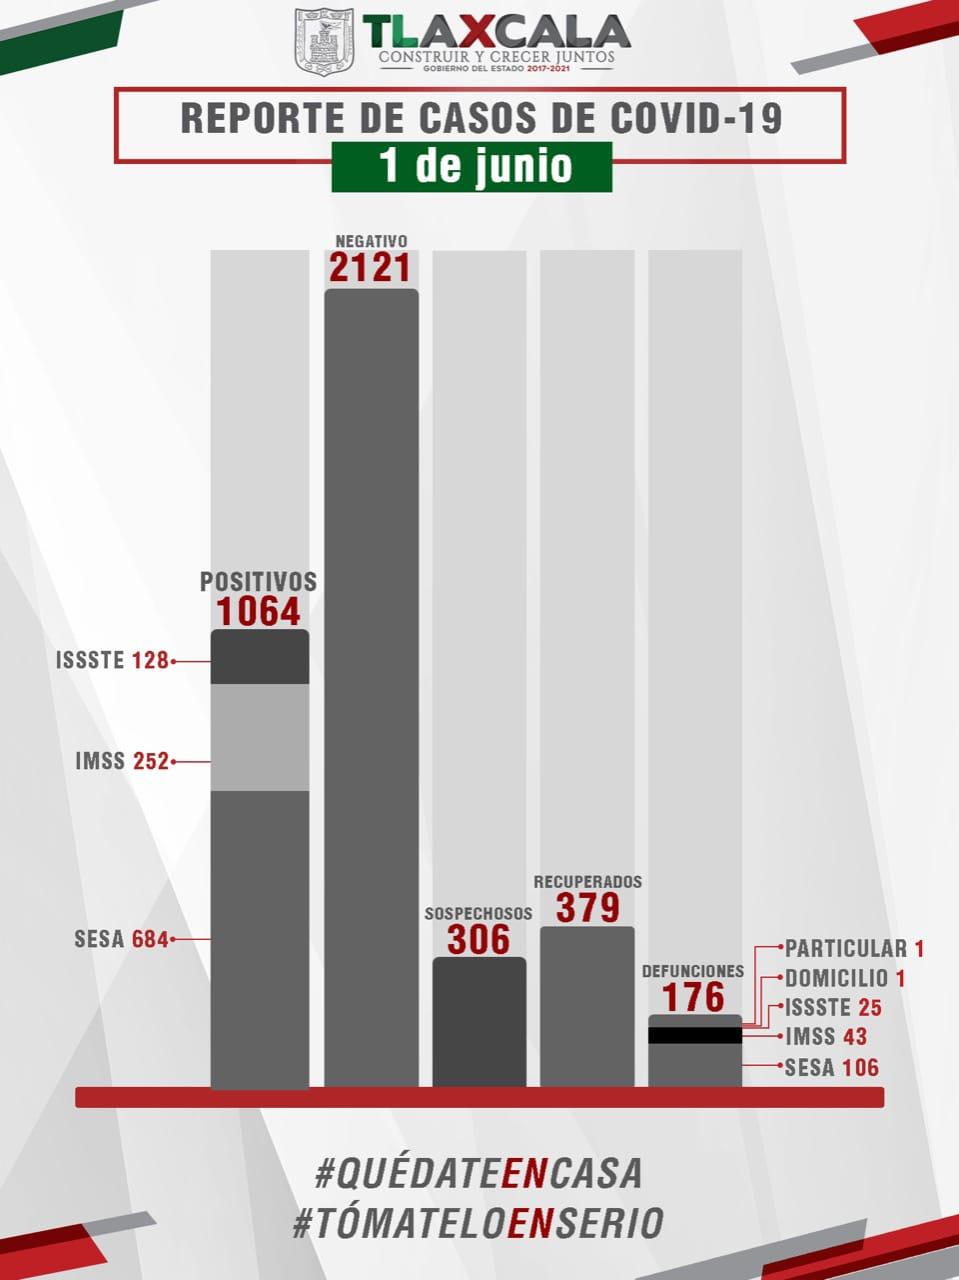 Parte de Guerra Tlaxcala lunes 1ro de junio: Sesa confirma 52 casos nuevos, pero ningún fallecido y 53 personas recuperadas